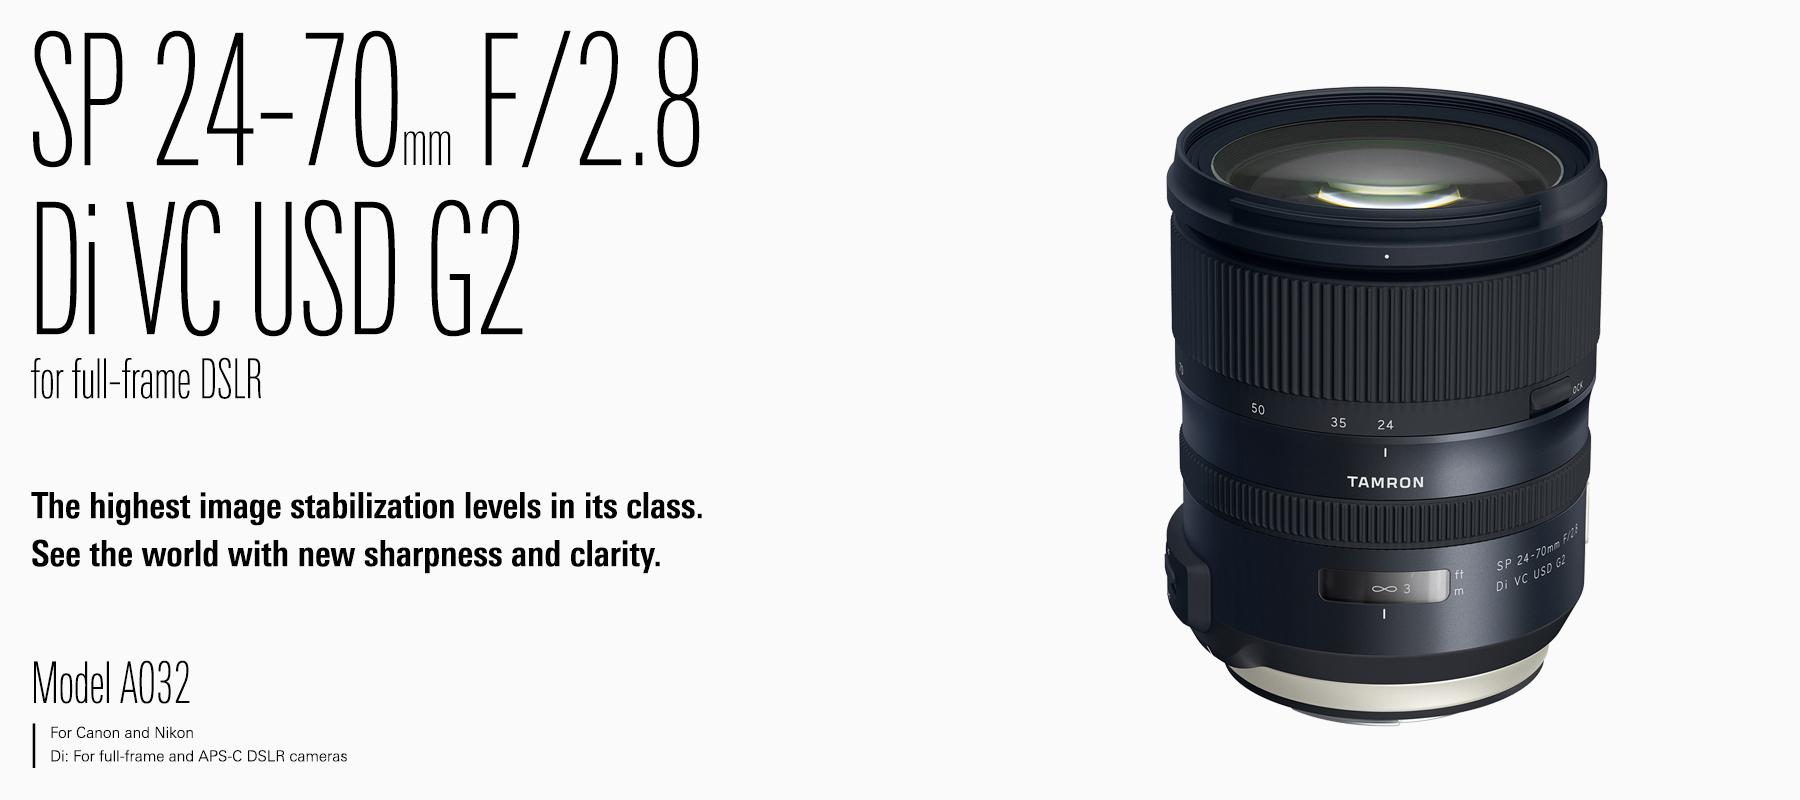 TAMRON | SP 24-70mm F/2.8 Di VC USD G2